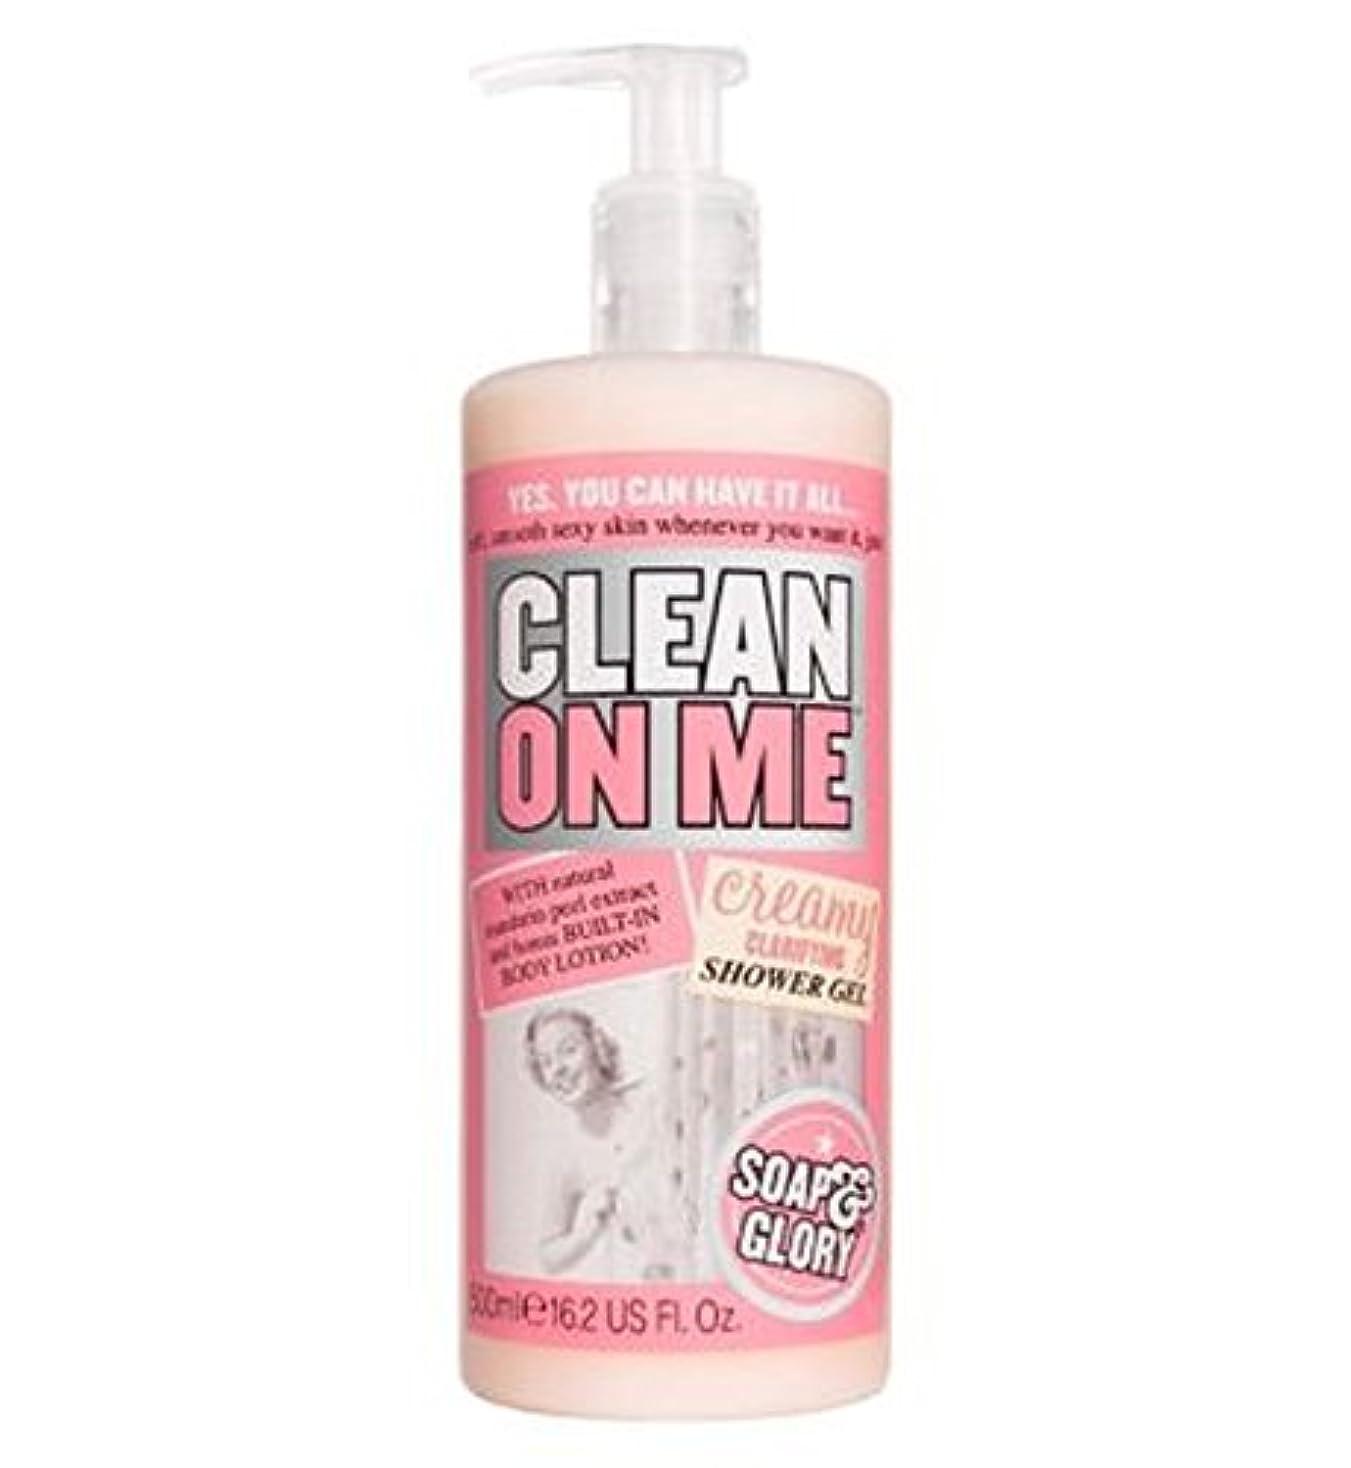 空白ズボン乱気流Soap & Glory Clean On Me Creamy Clarifying Shower Gel 500ml - 私にきれいな石鹸&栄光はシャワージェル500ミリリットルを明確にクリーミー (Soap & Glory...